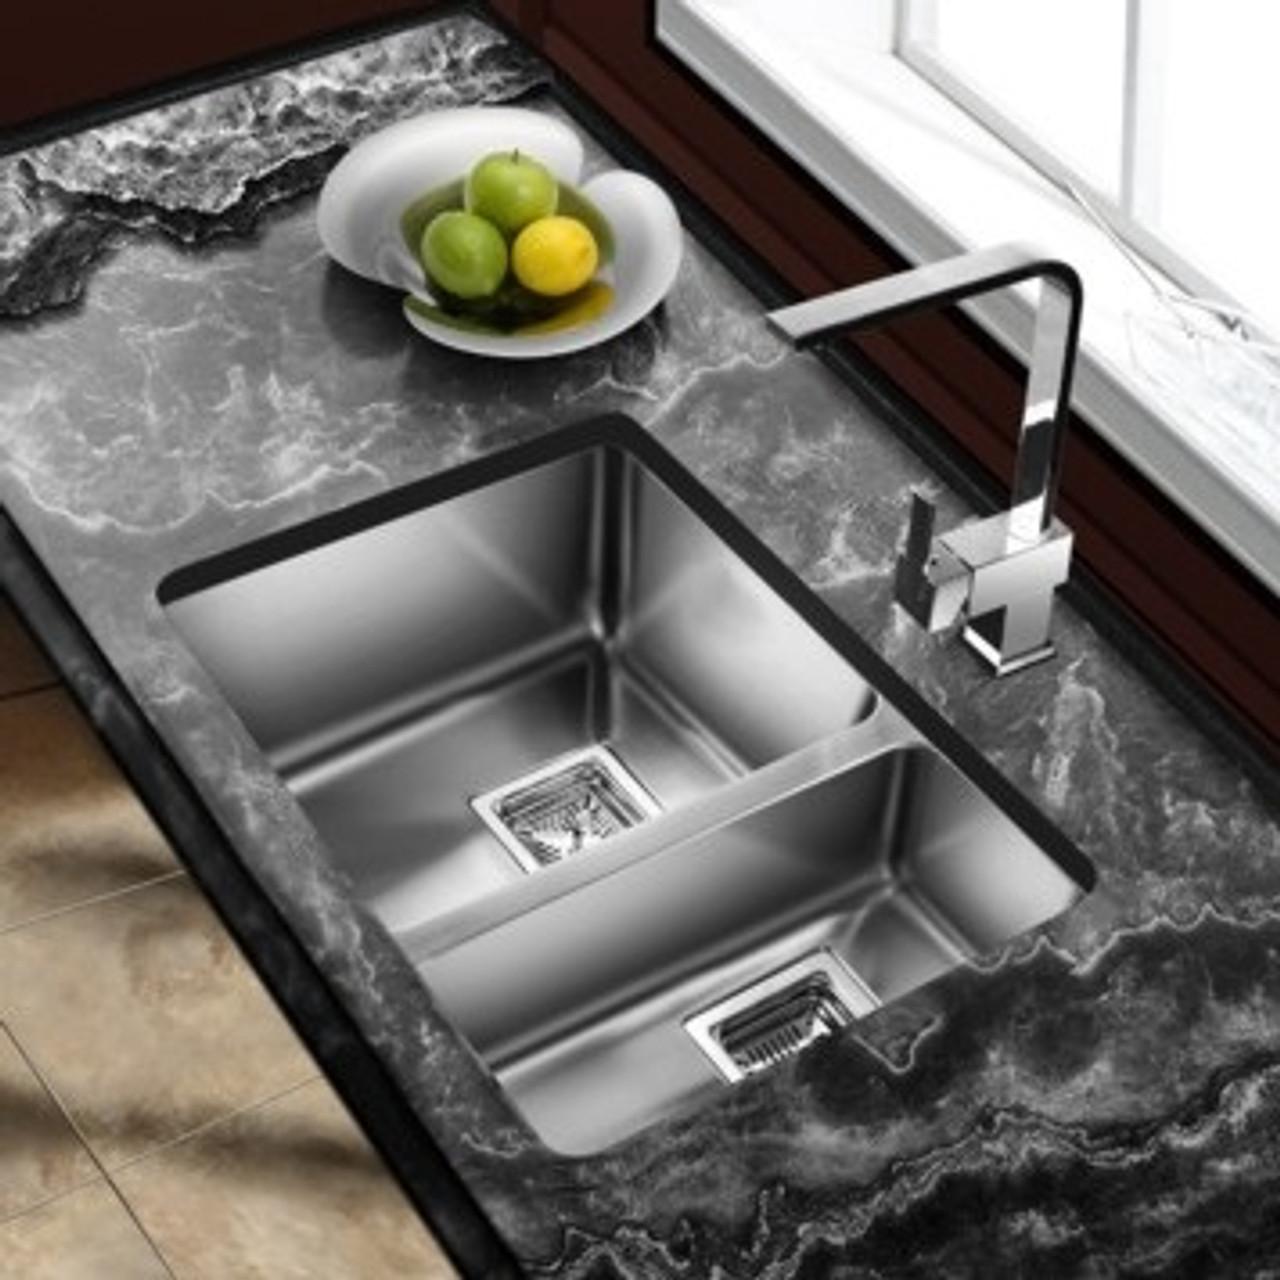 castle bay pyke 70 30 undermount kitchen sink 29 x16